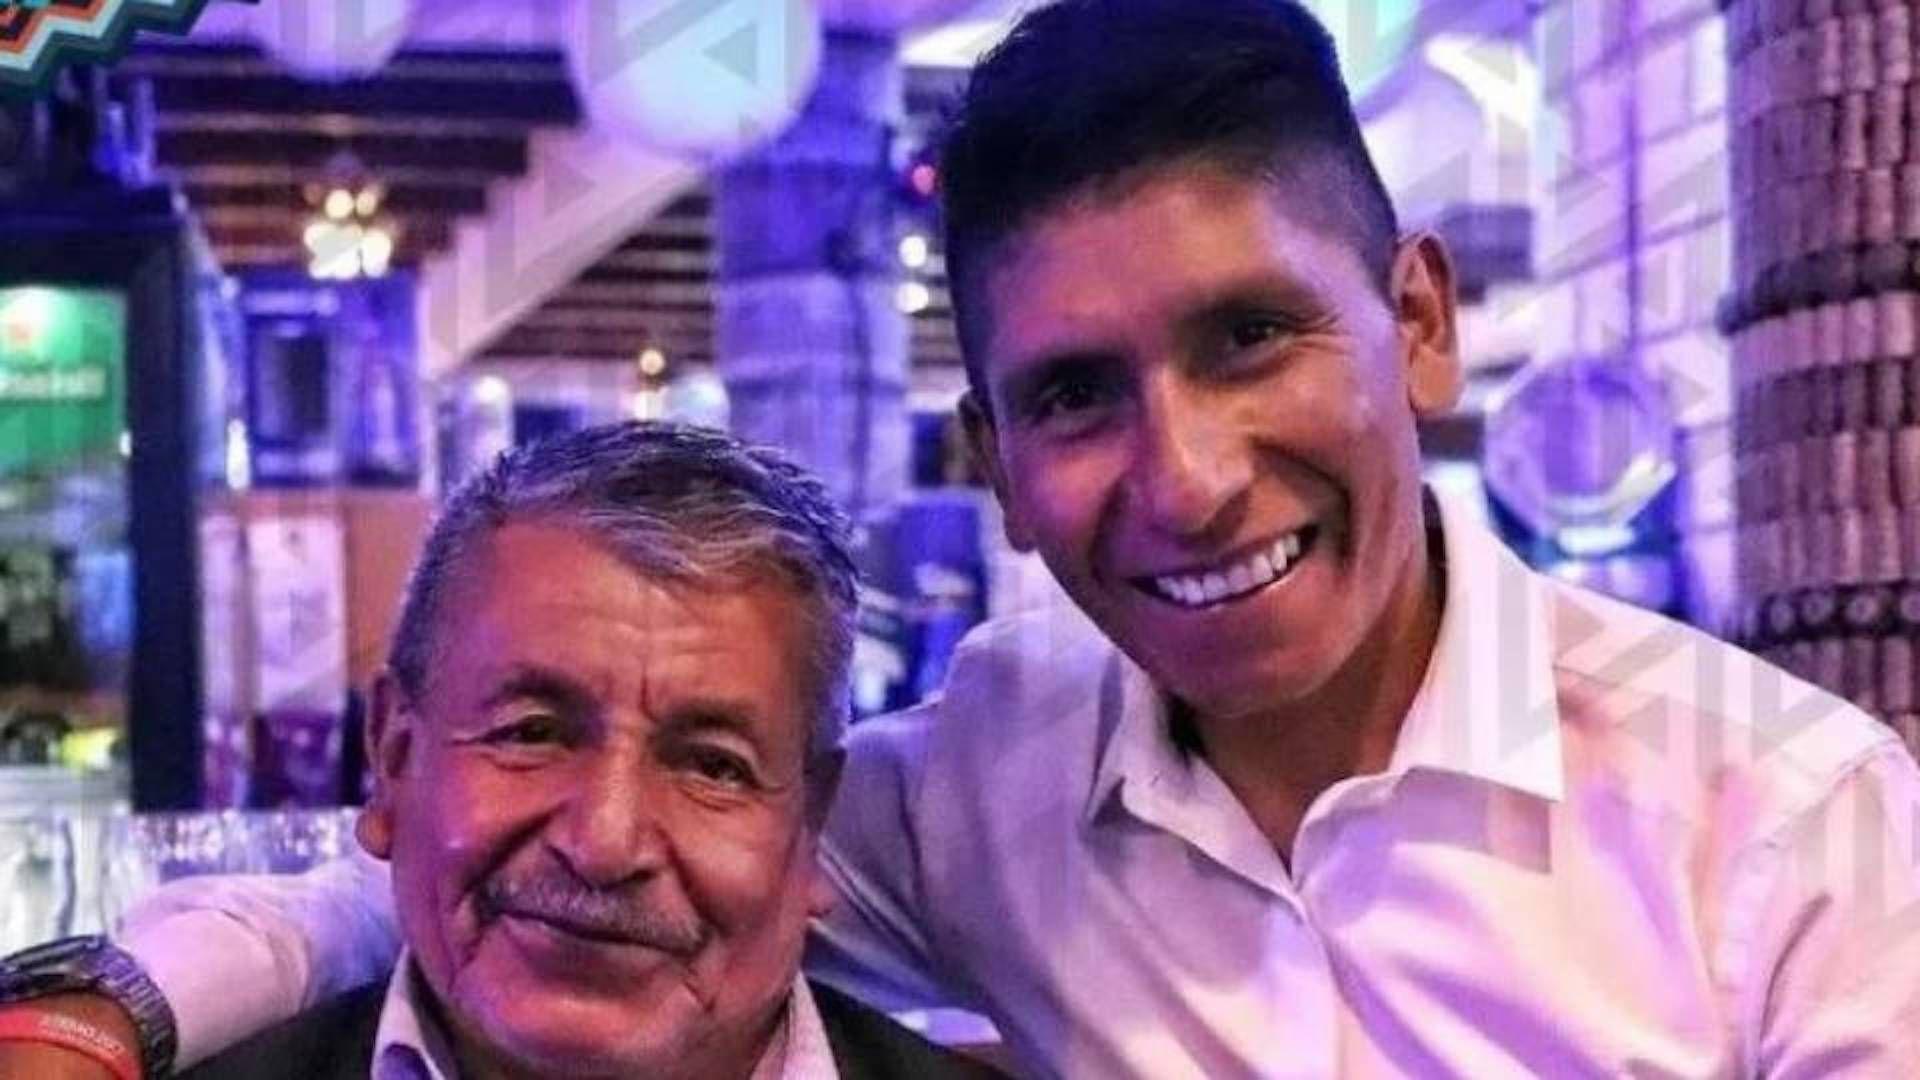 Hospitalizado con sospechas de covid-19, Luis Quintana, padre de Nairo, se encuentra recibiendo atención en el Hospital San Rafael de Tunja / (Instagram: nairoquincoficial).